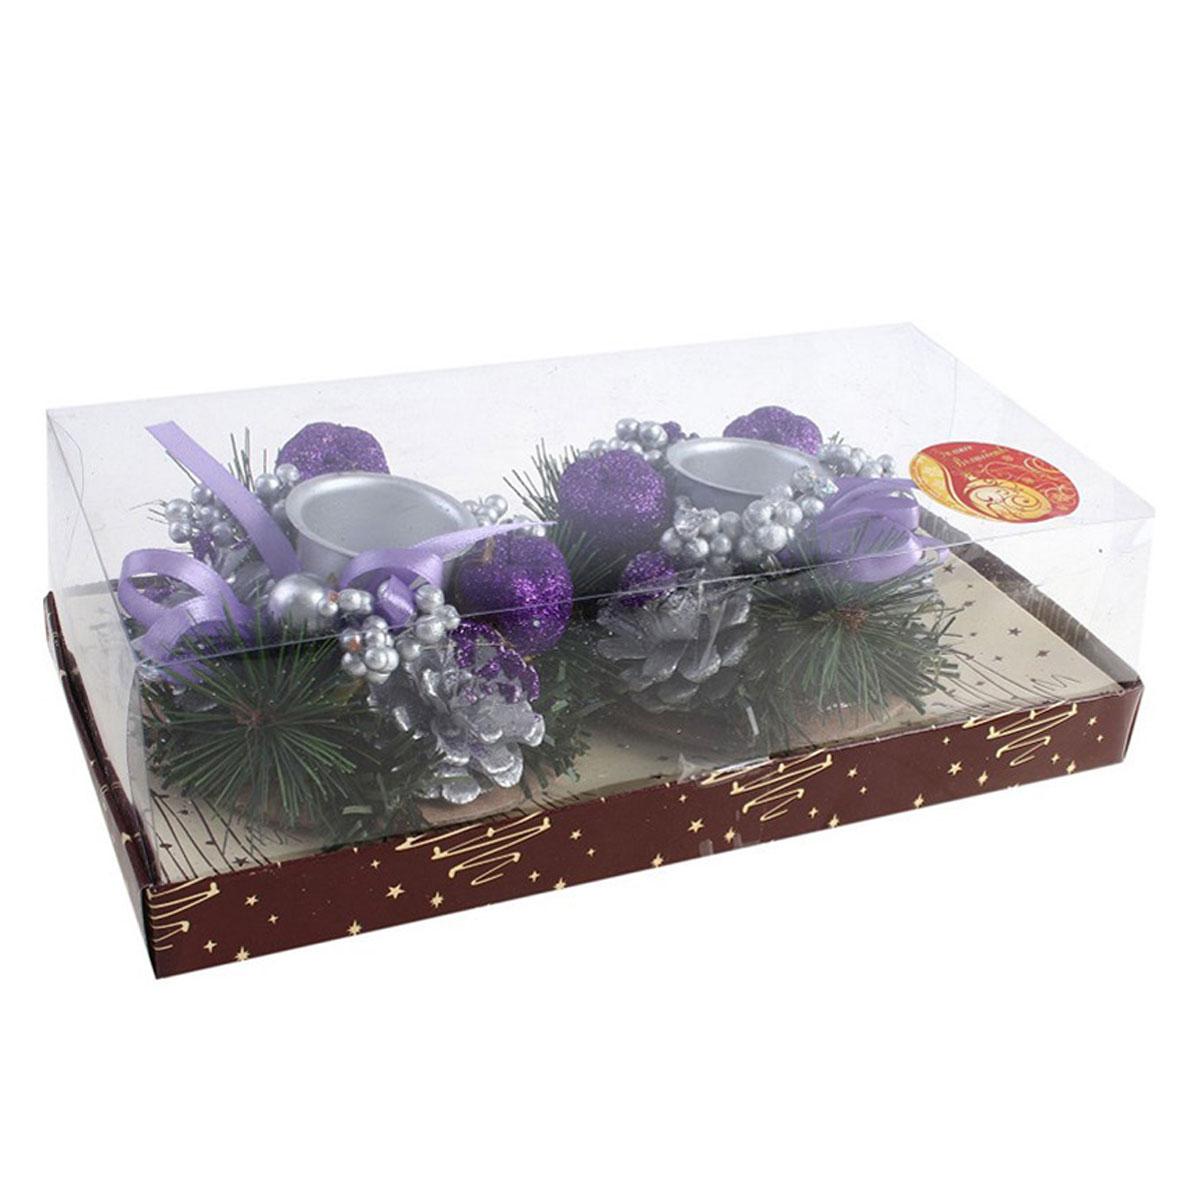 Подсвечник на две свечи Шишка с бантиками, цвет: фиолетовый, серебристый, пурпурный. 54265444MDMNНовогодний подсвечник Шишка с бантиками украсит интерьер вашего дома или офиса в преддверии Нового года. Оригинальный дизайн и красочное исполнение создадут праздничное настроение. Подсвечники представляют собой венки из сосновых веточек с шишками, бусинами и ягодами пурпурного цвета, покрытыми блестками. В центре венка размещается подсвечники серебристого цвета.Новогодние украшения всегда несут в себе волшебство и красоту праздника. Создайте в своем доме атмосферу тепла, веселья и радости, украшая его всей семьей. Характеристики:Материал: пластик, шишки, текстиль. Цвет: фиолетовый, серебристый, пурпурный. Диаметр подсвечника: 3,5 см. Высота свечи: 8,2 см. Диаметр венка:10,5 см. Размер упаковки: 23,5 см х 11,5 см х 7 см. Артикул: 542654.